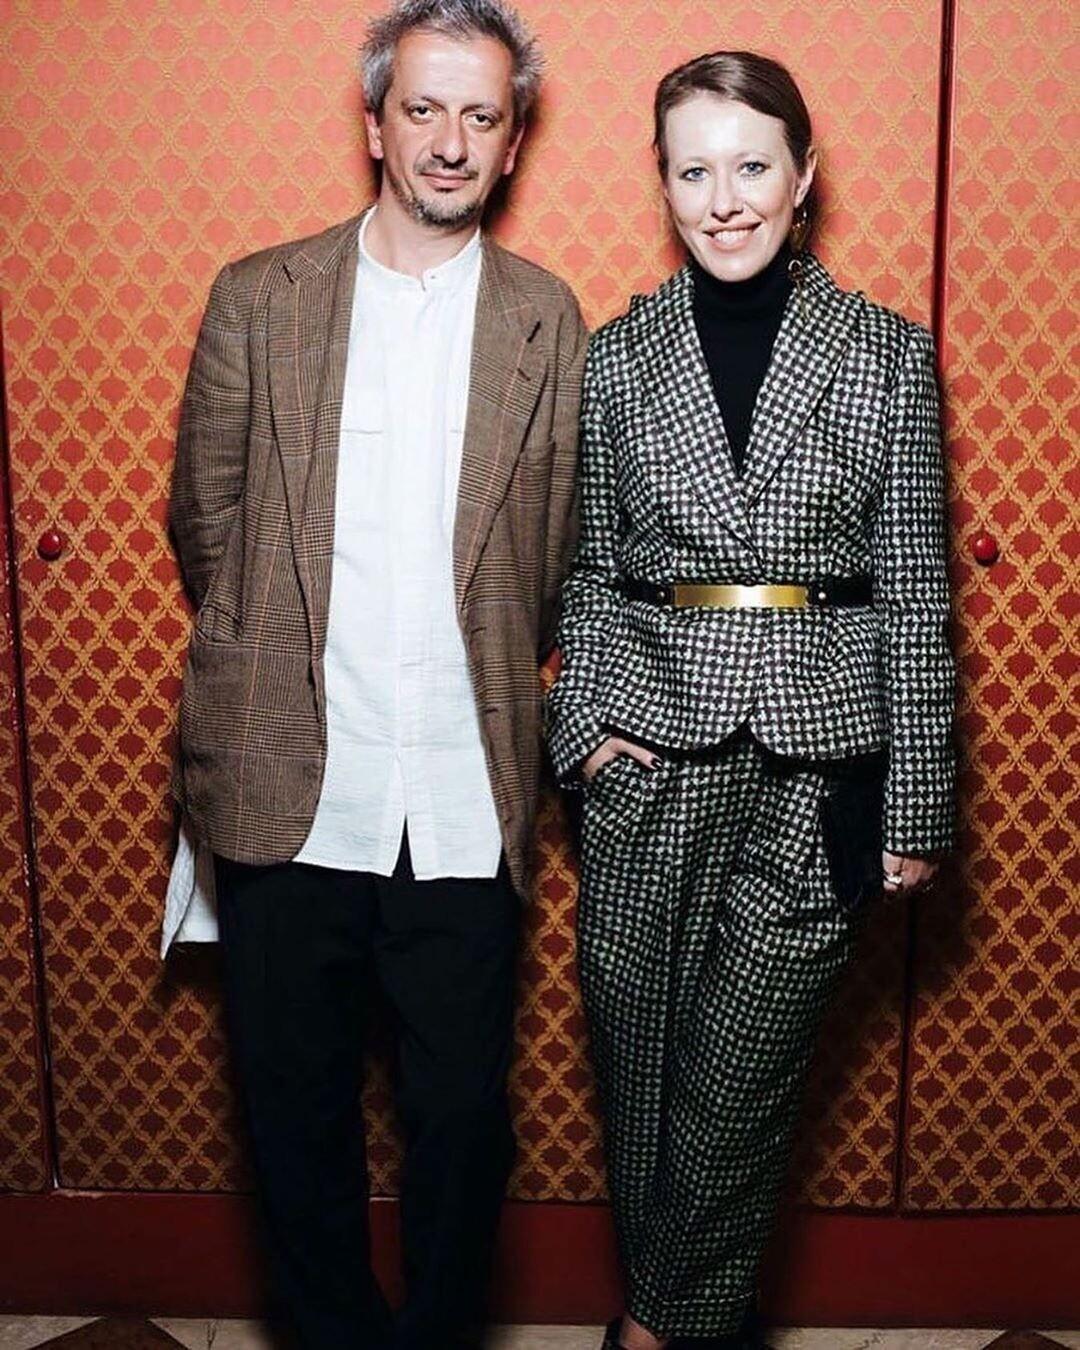 СМИ: стало известно, во сколько обойдется свадьба Ксении Собчак и Константина Богомолова